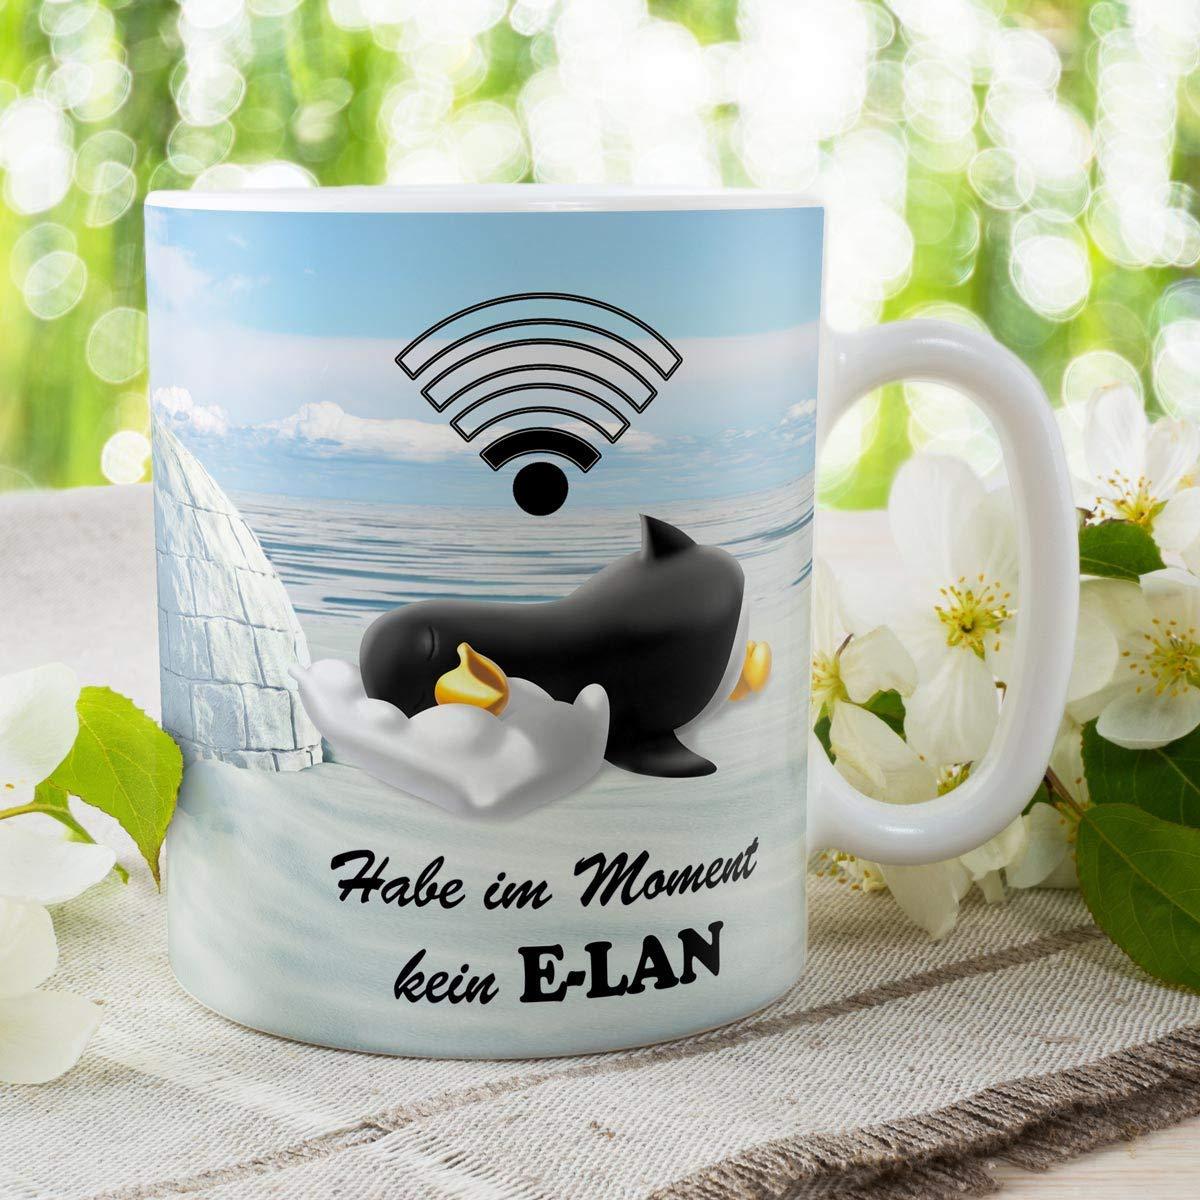 Geschenk Tasse Pinguin mit Spruch lustig Kein Elan Geburtstagsgeschenk f/ür Arbeit B/üro Frauen Freundin Kollegin Pinguinliebhaber